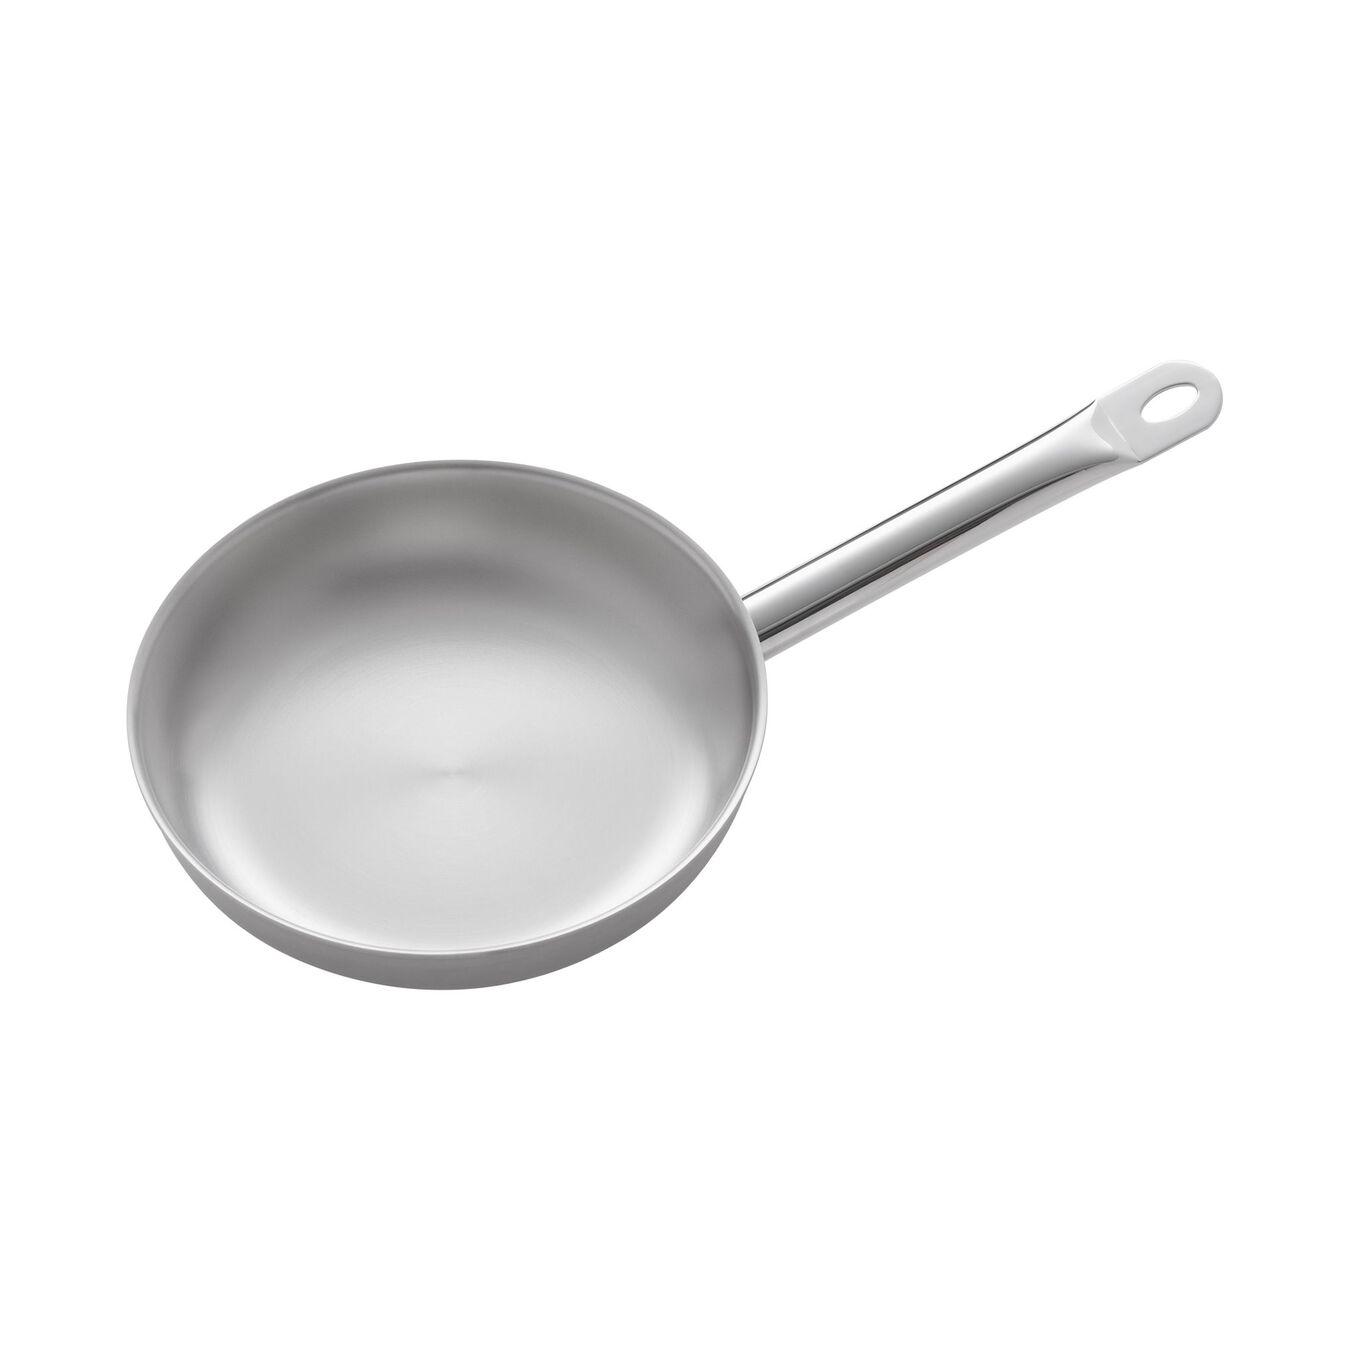 Padella - 28 cm, acciaio,,large 3